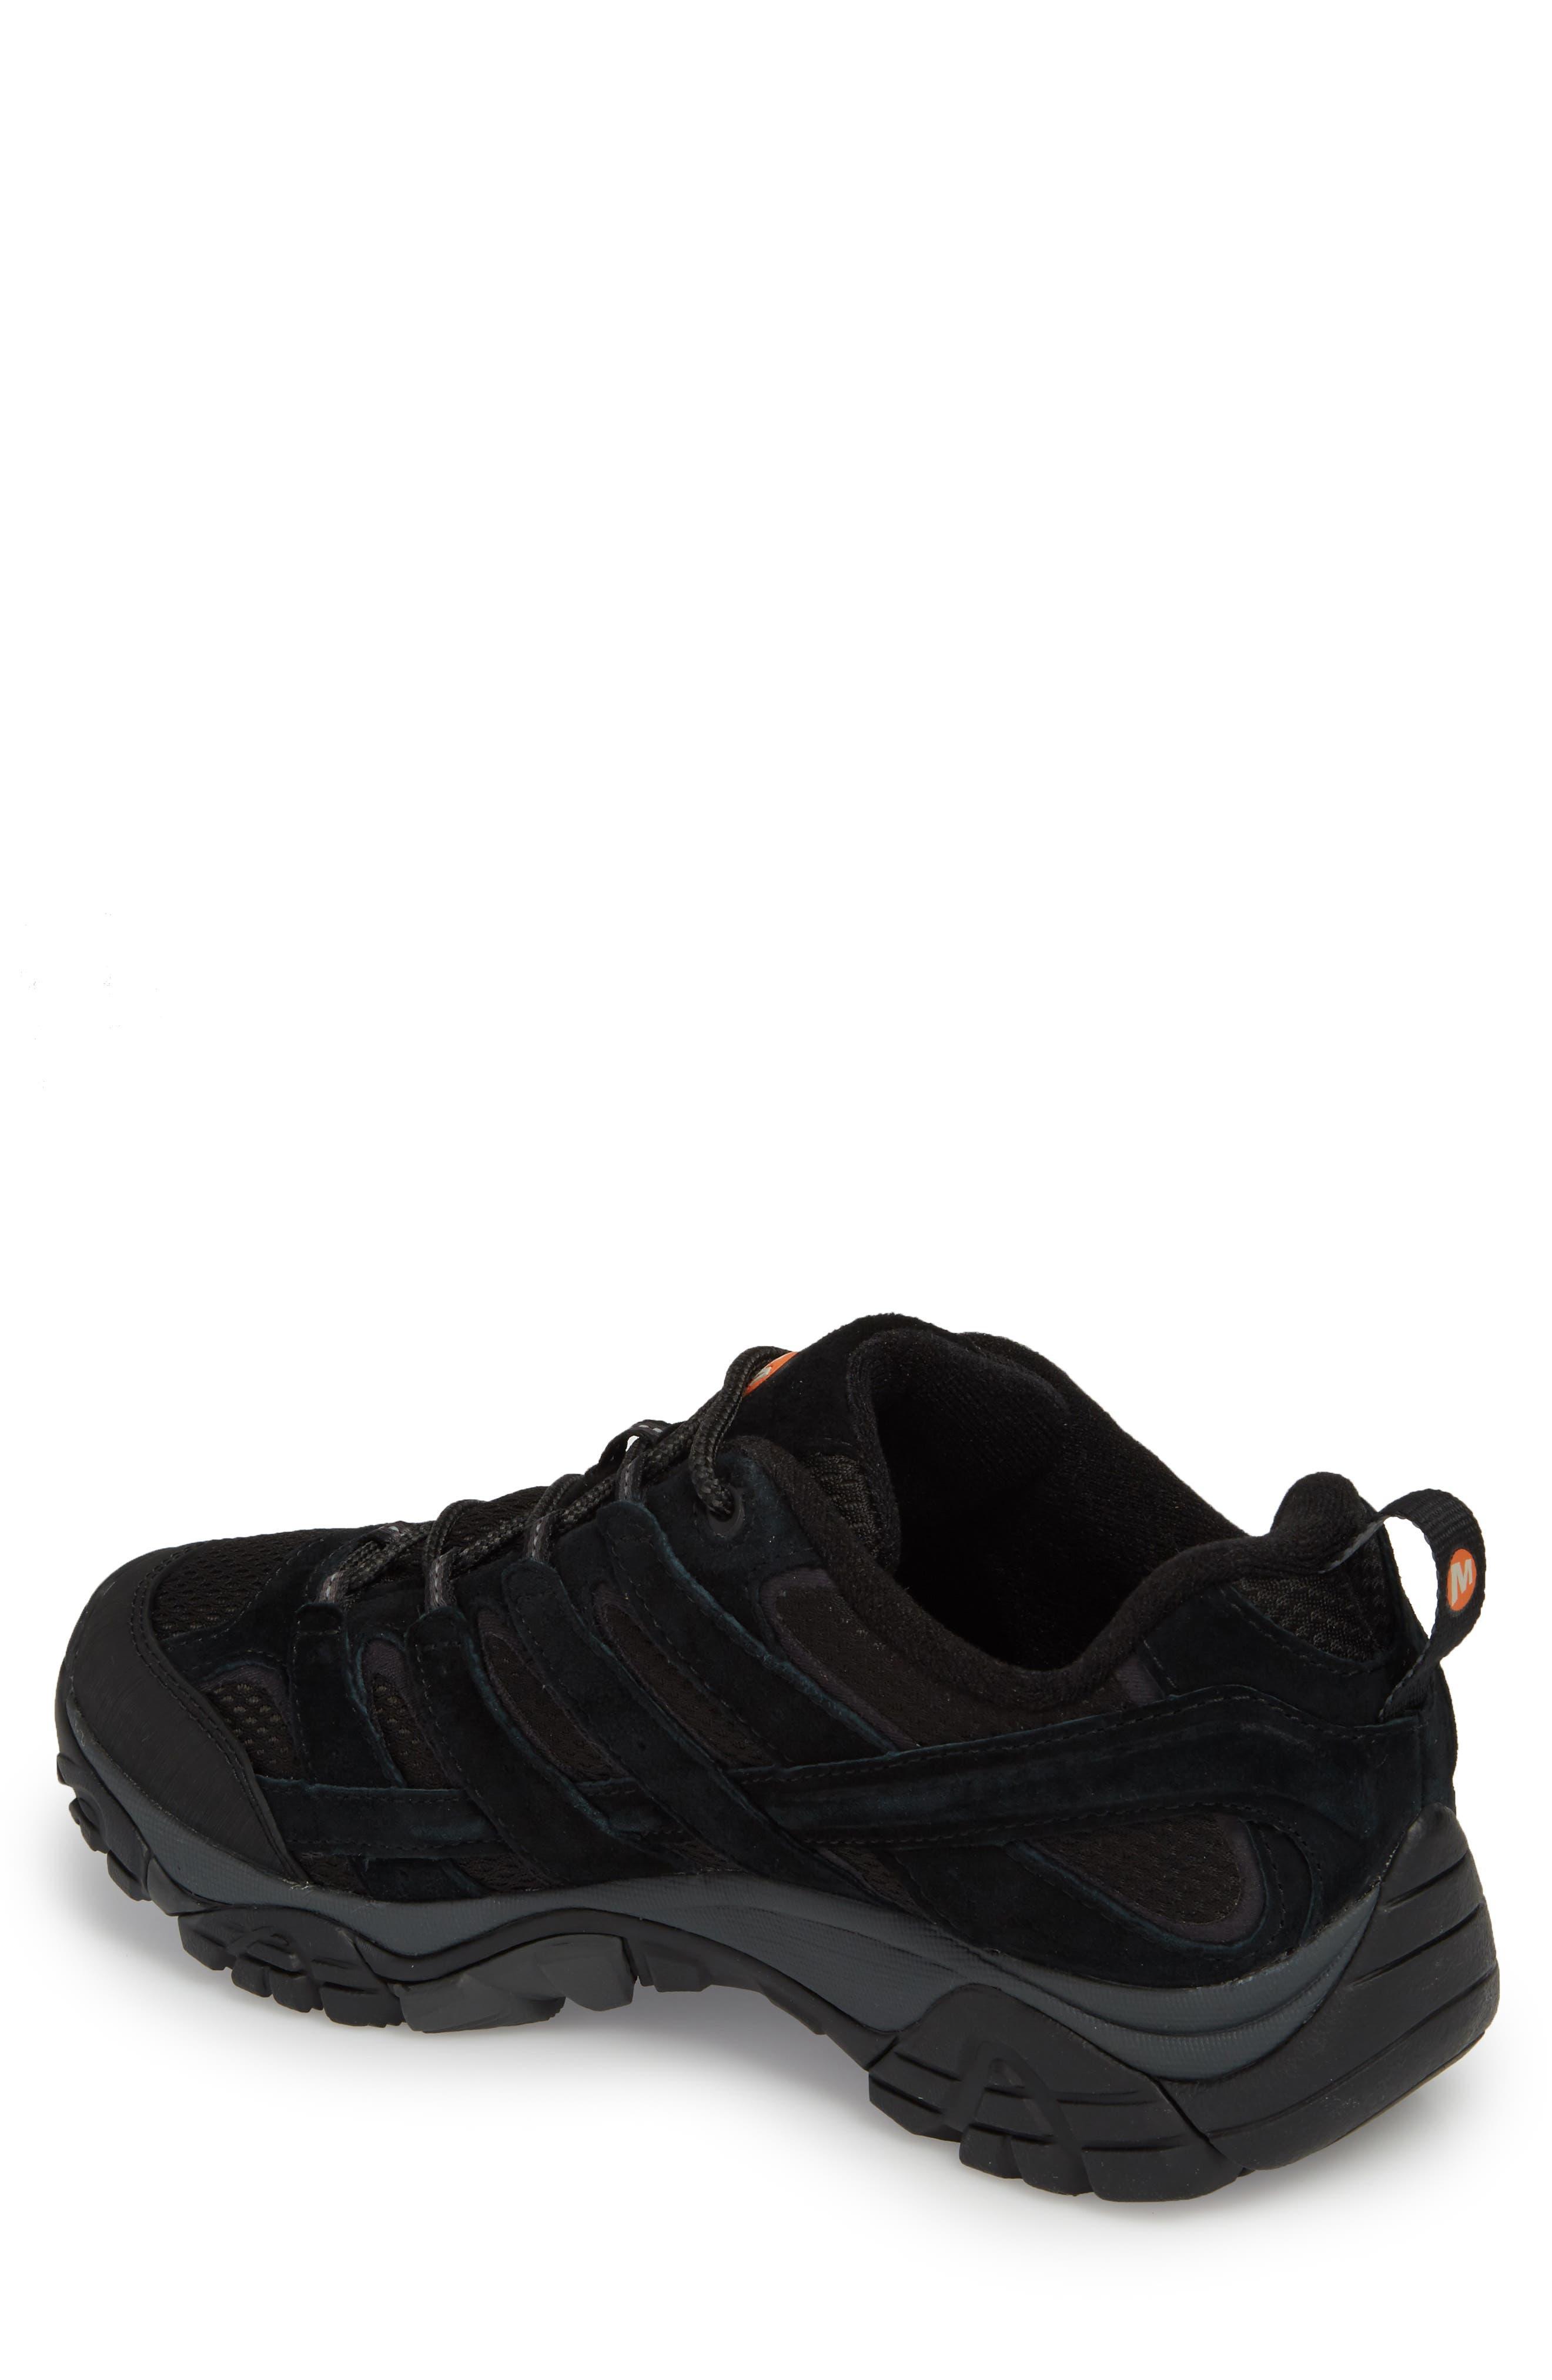 Moab 2 Ventilator Hiking Shoe,                             Alternate thumbnail 2, color,                             BLACK NIGHT